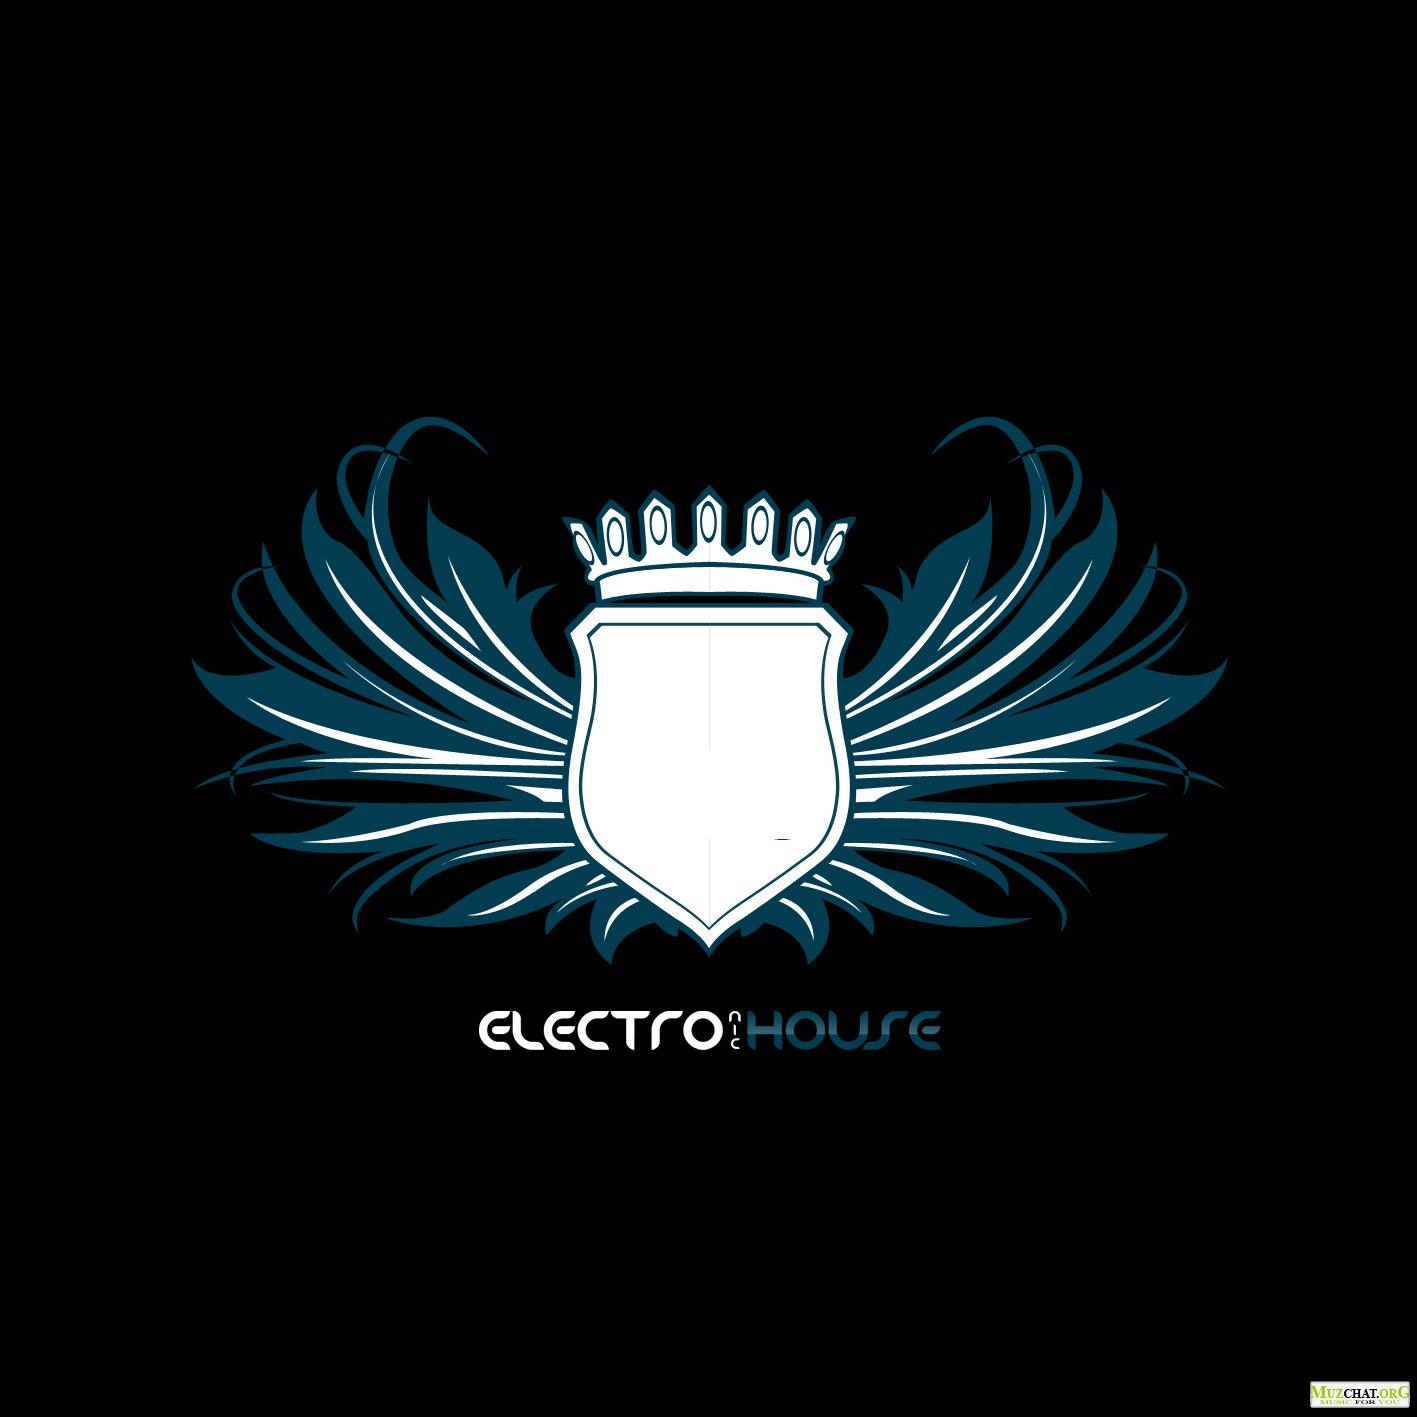 http://4.bp.blogspot.com/_0K7mkfKwUas/THMi-pR4tnI/AAAAAAAAACg/wpkipTIxMR0/s1600/electro-house.jpg